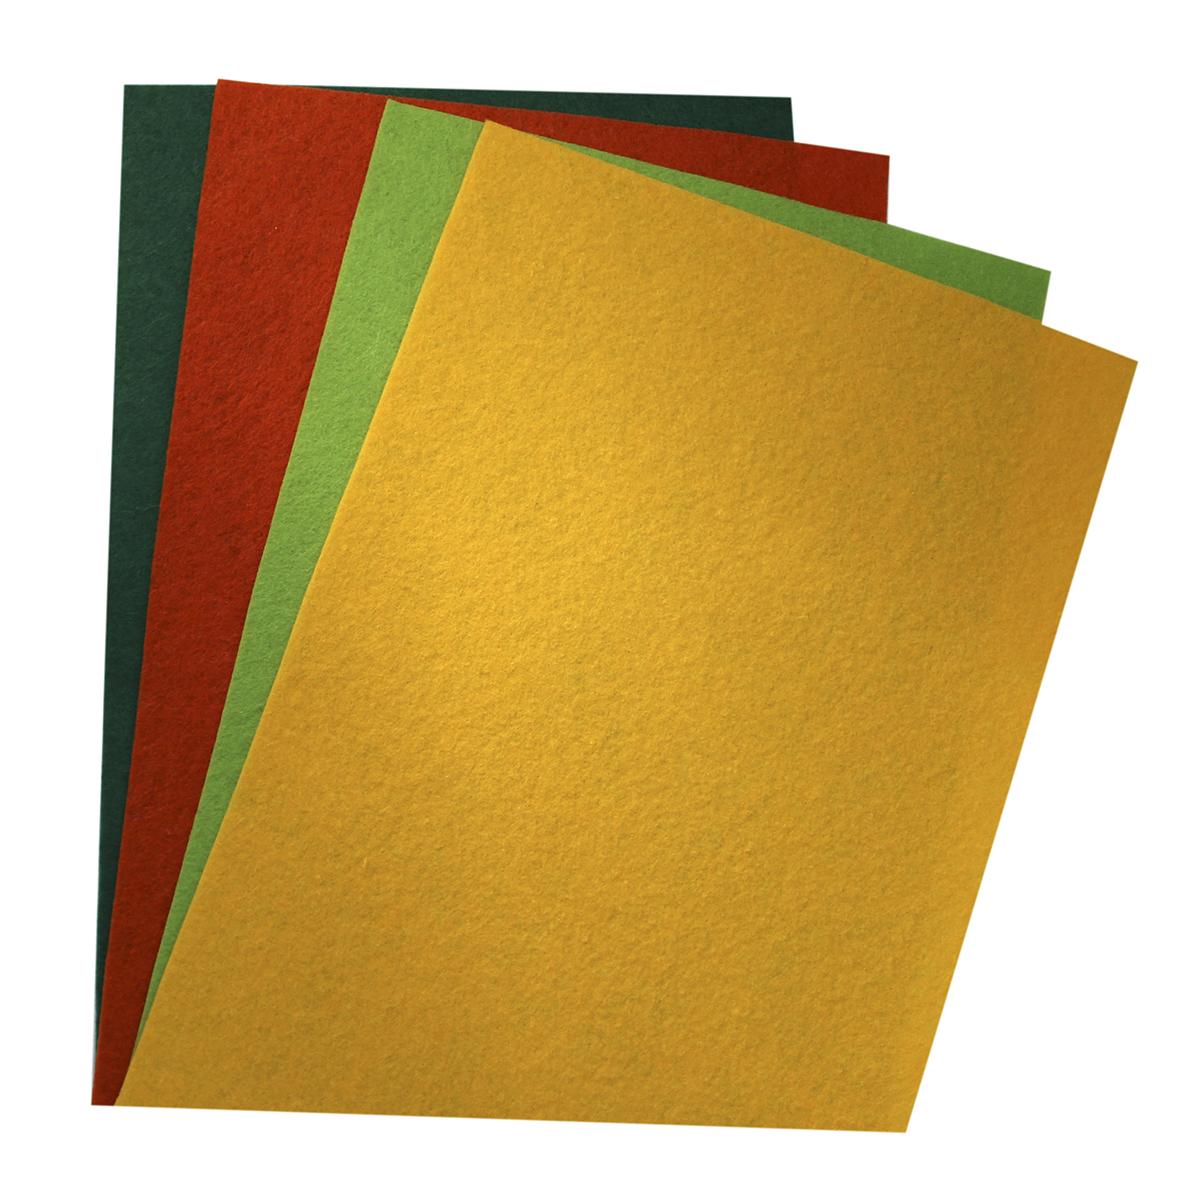 Фетр листовой Астра Ассорти, 20 х 30 см, 4 шт. 7715420_67715420_6